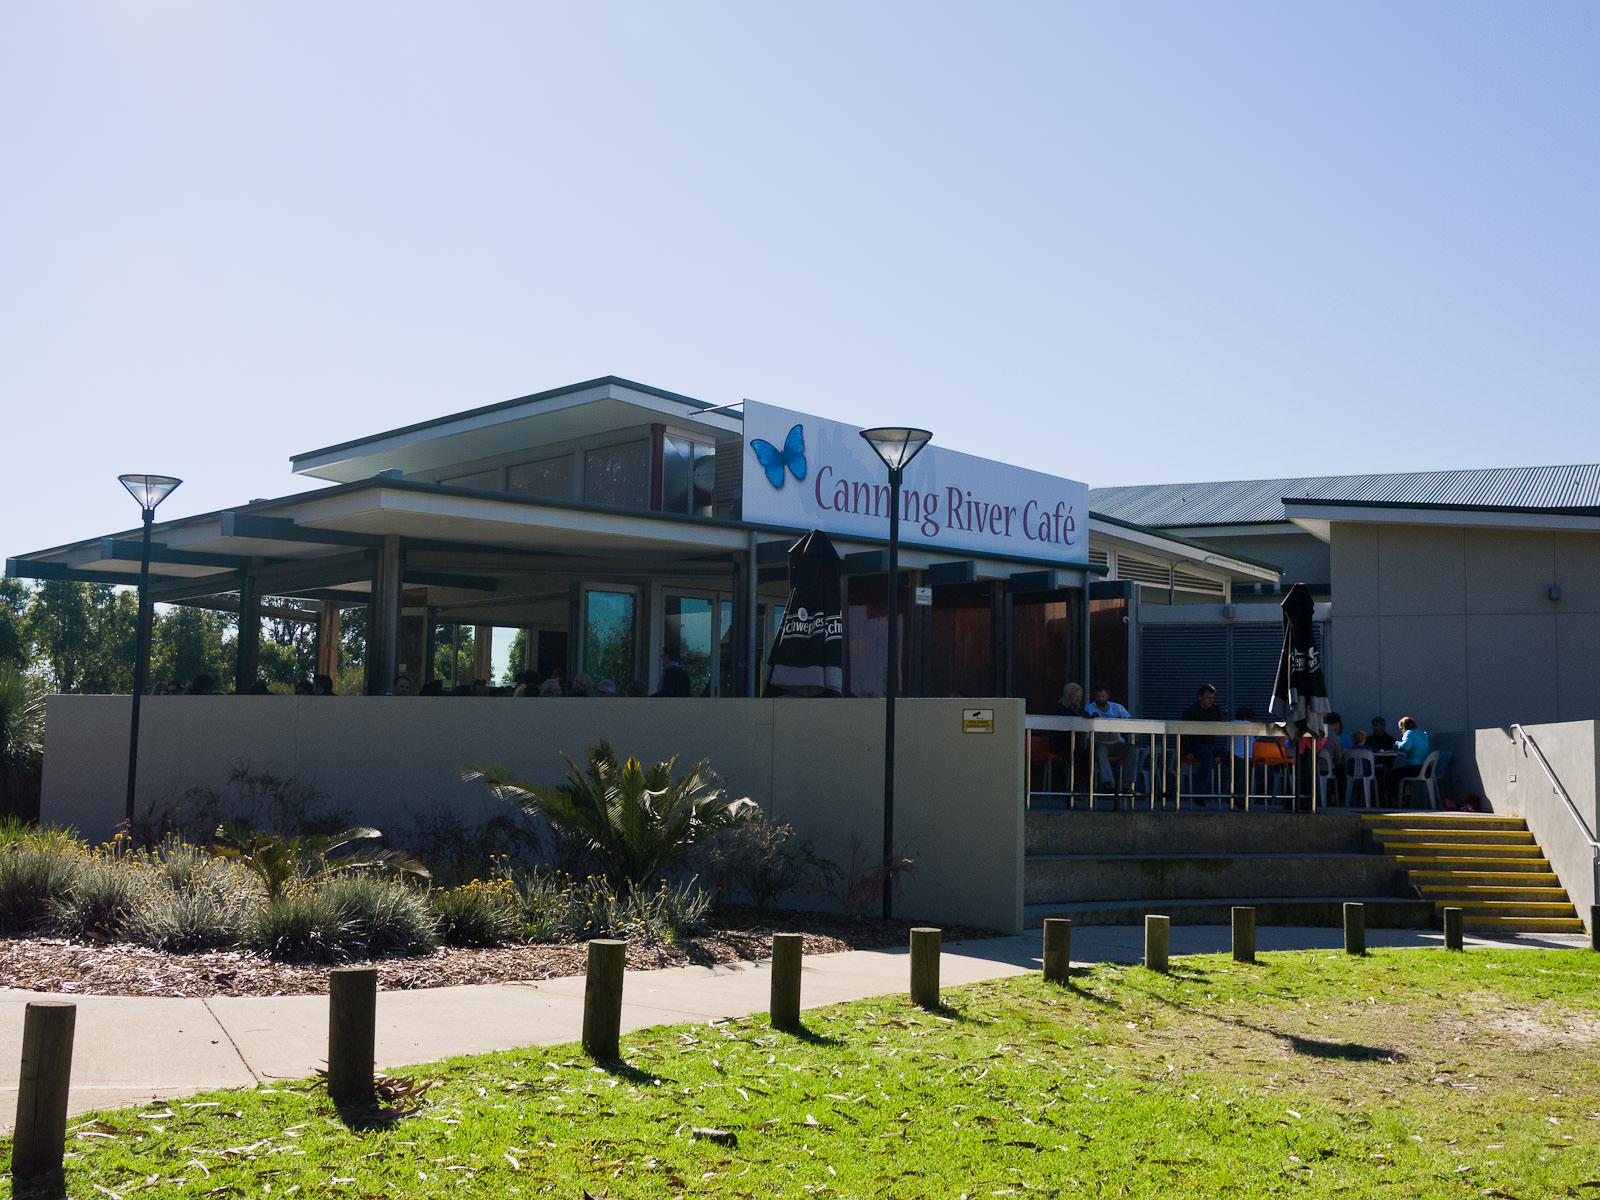 Canning River Cafe, 'back' entrance